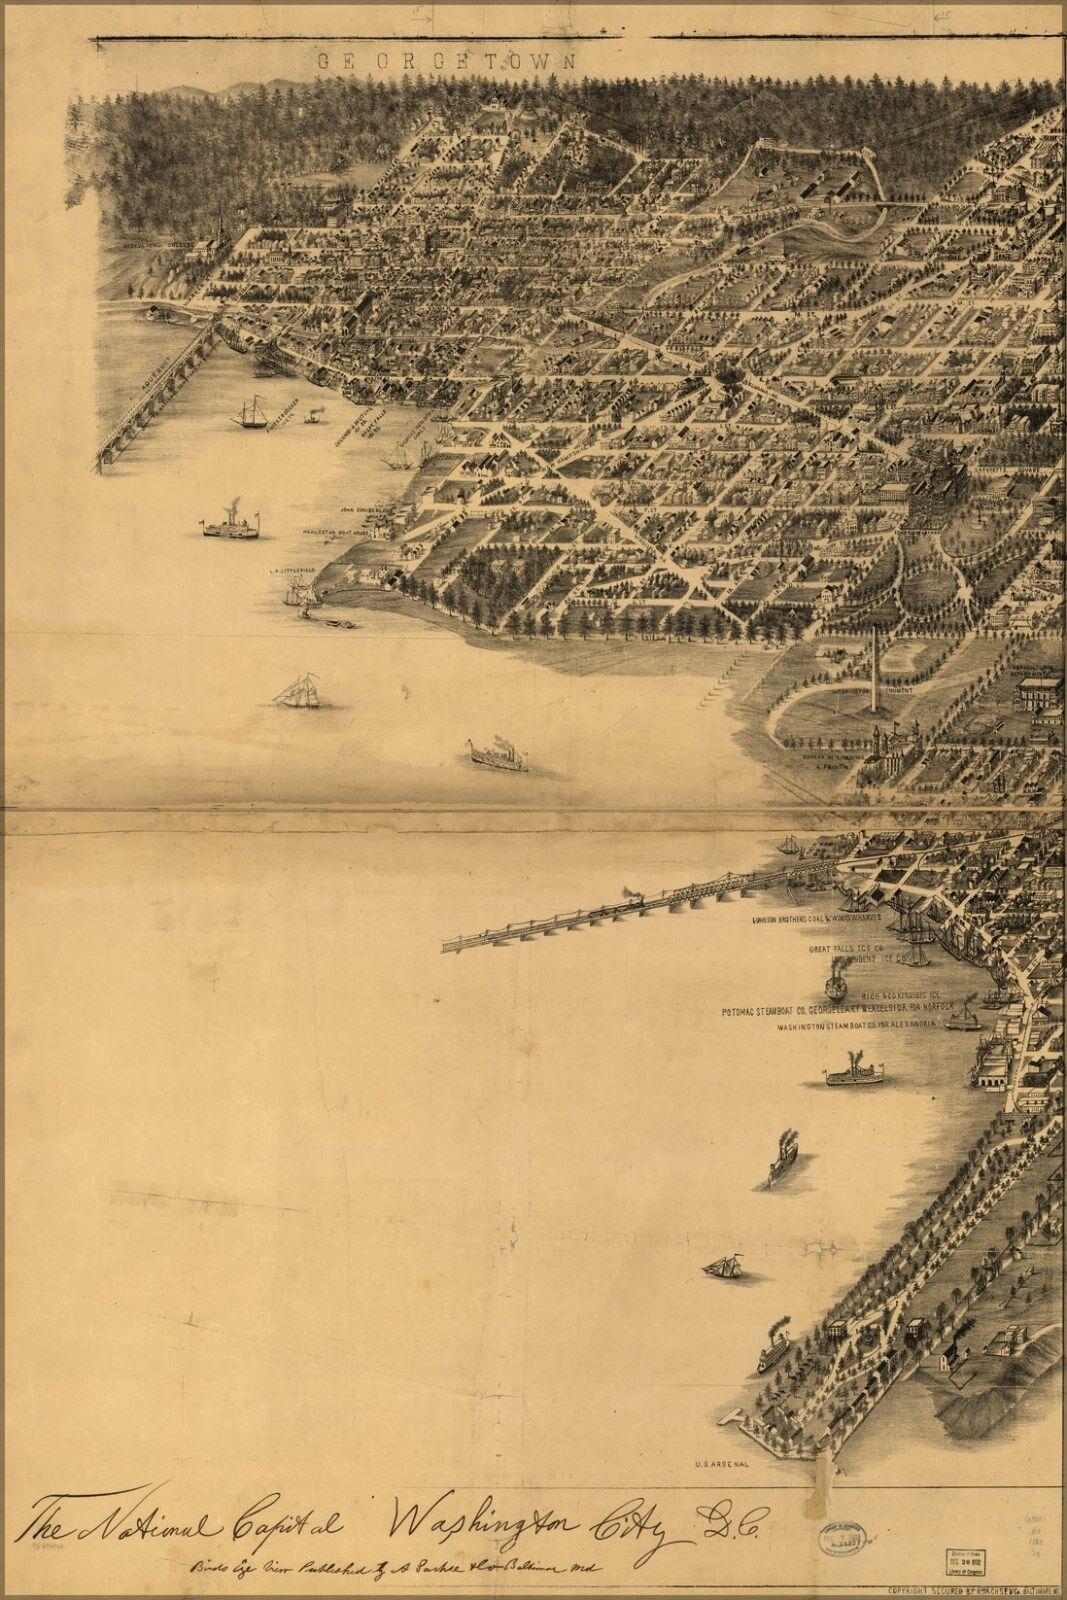 MANIFESTO, molte dimensioni; mappa di National grande città di Washington